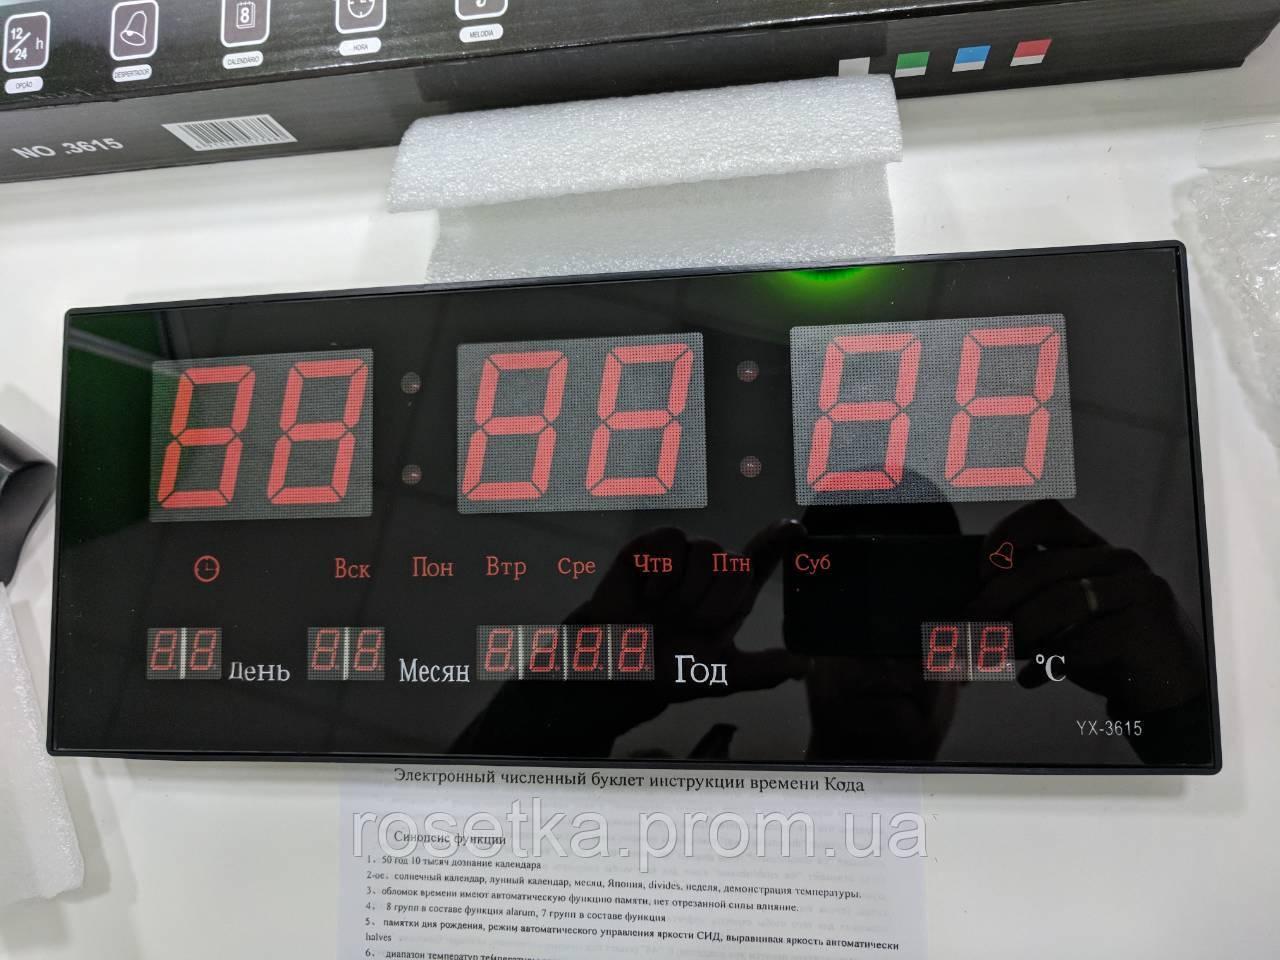 Электронные настенные Led часы Number clock YX-3615 - Интернет-магазин  «Комфорт в 560643026f9